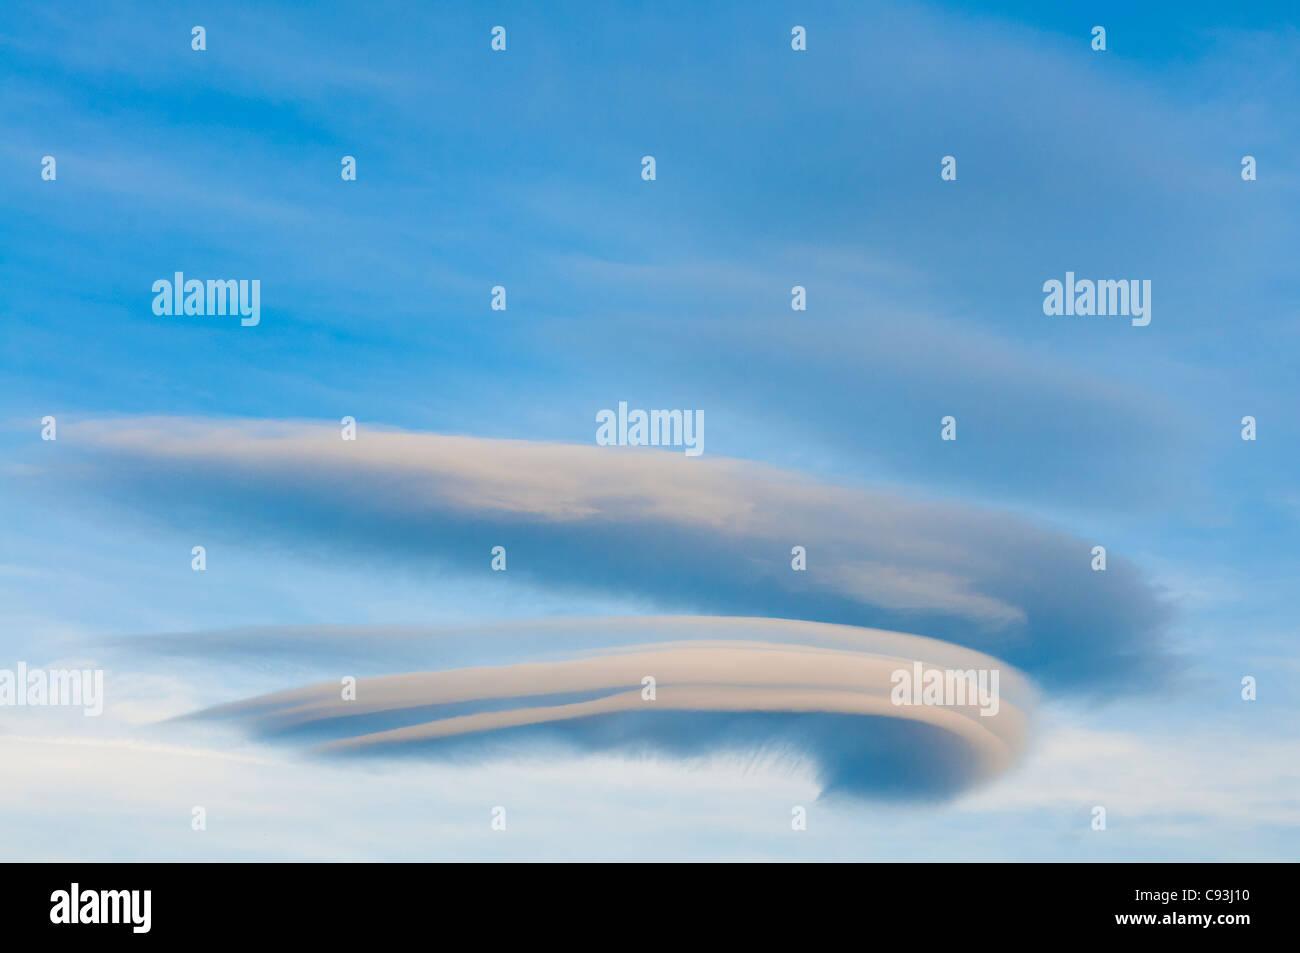 Linsenförmige Wolken im Himmel. Stockbild